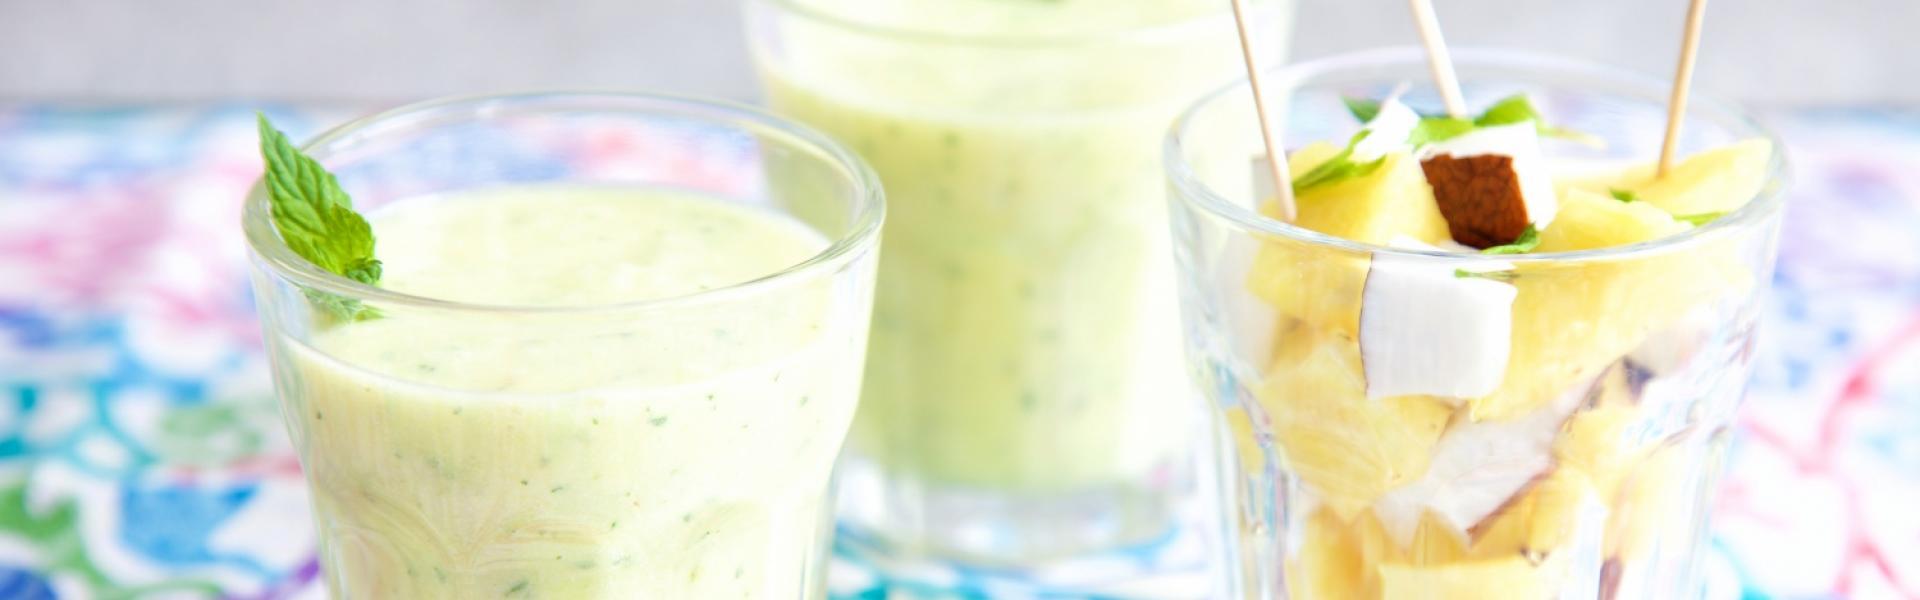 Ananas Smoothie in zwei Gläsern mit Ananaswürfeln in einem weiteren Glas